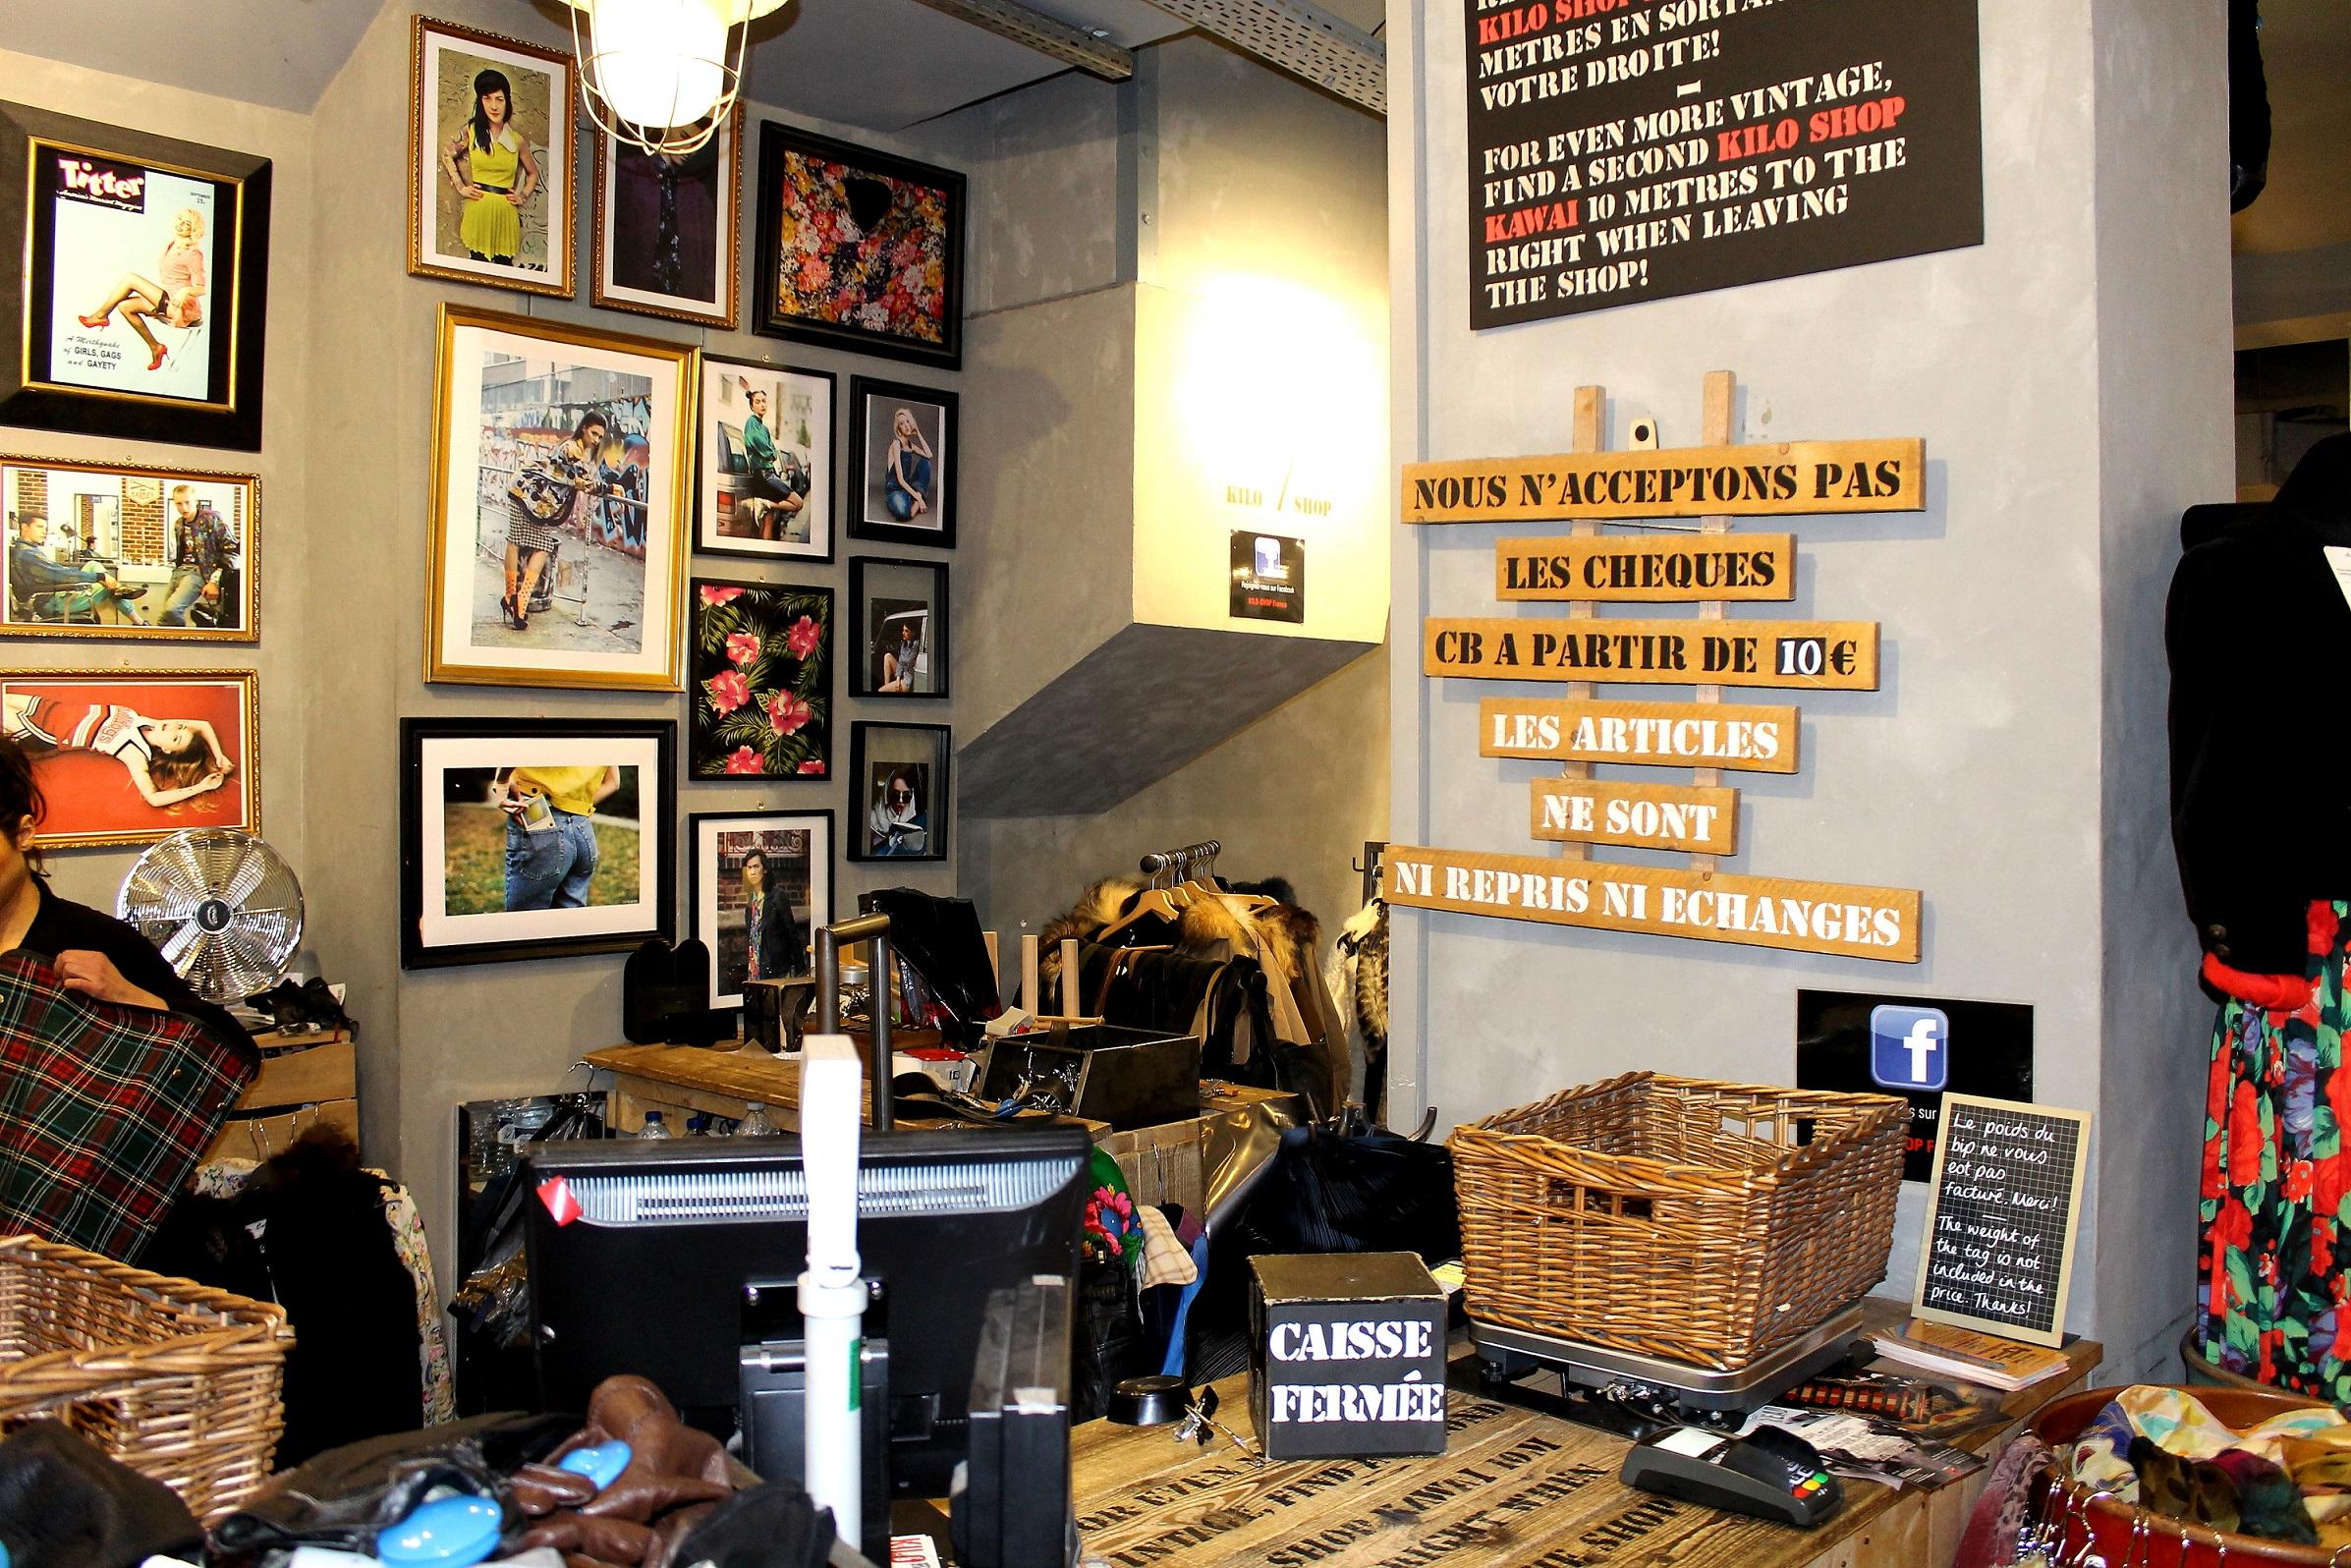 le marais vintage shop kilo shop